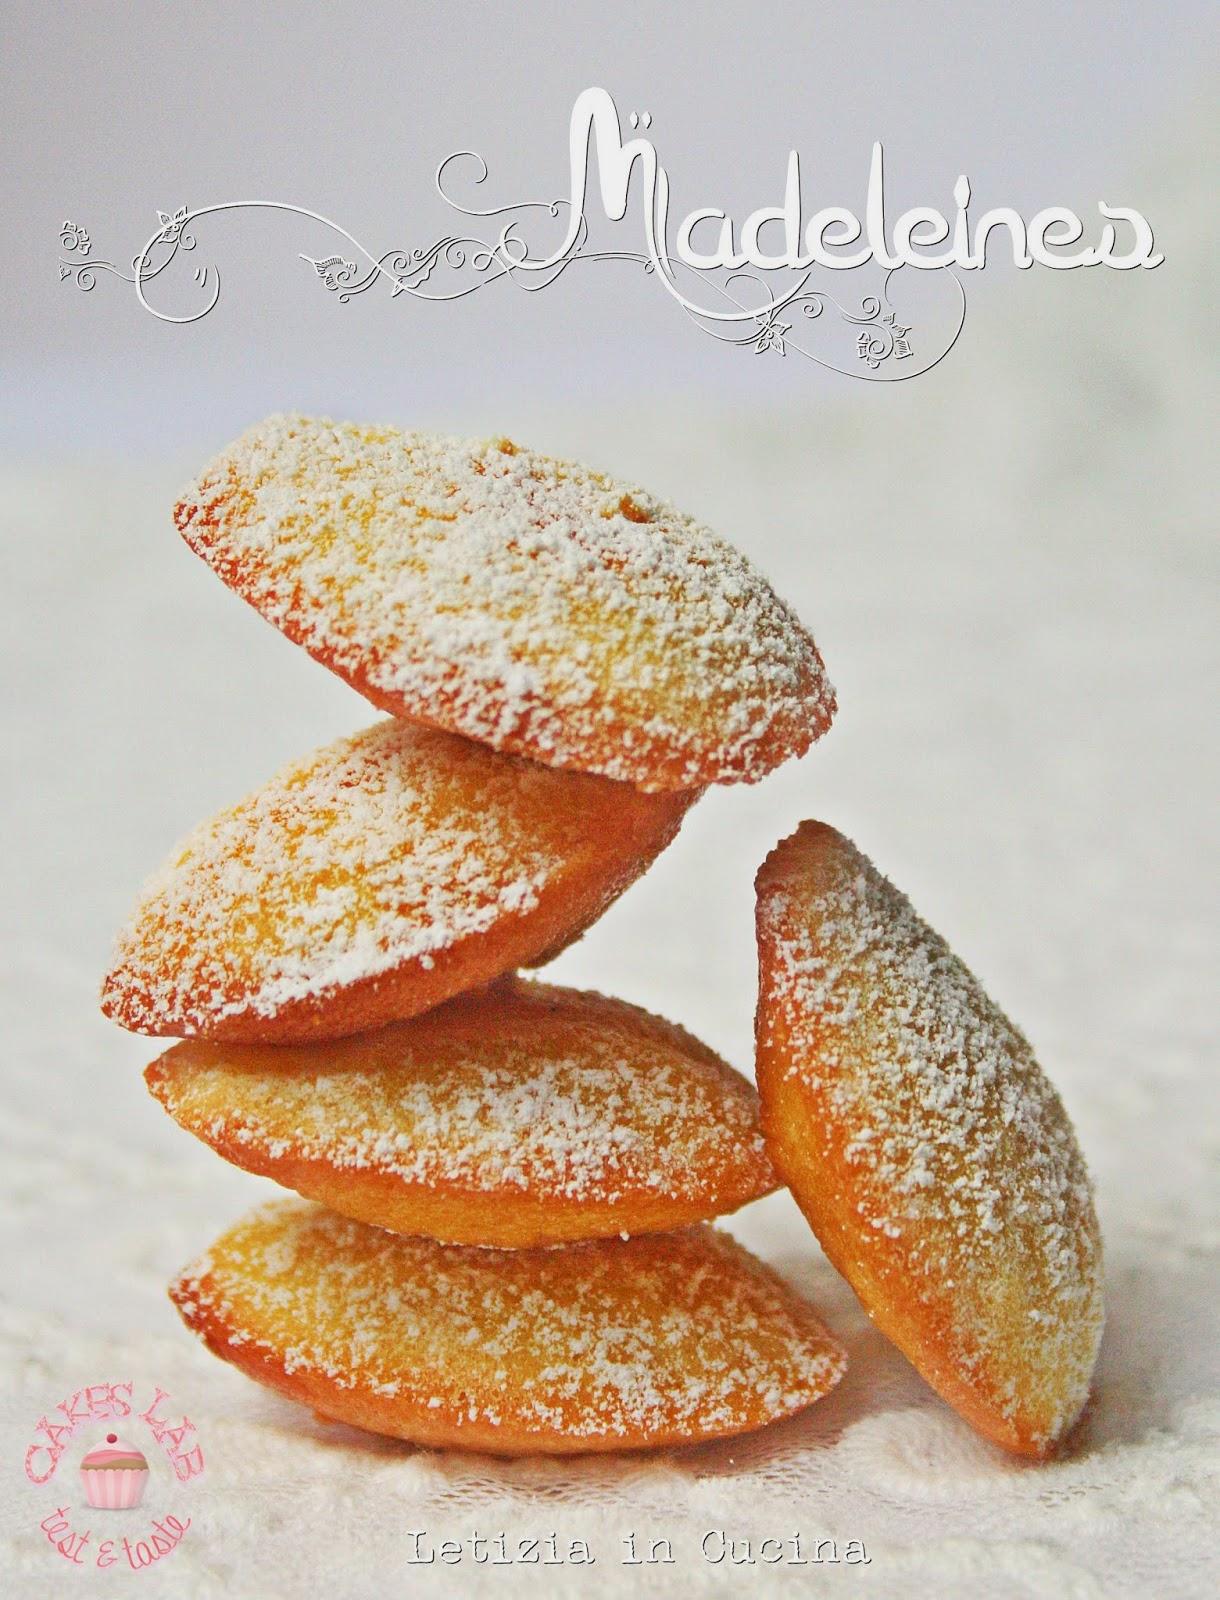 Letizia in Cucina: Madeleines - Cakes Lab